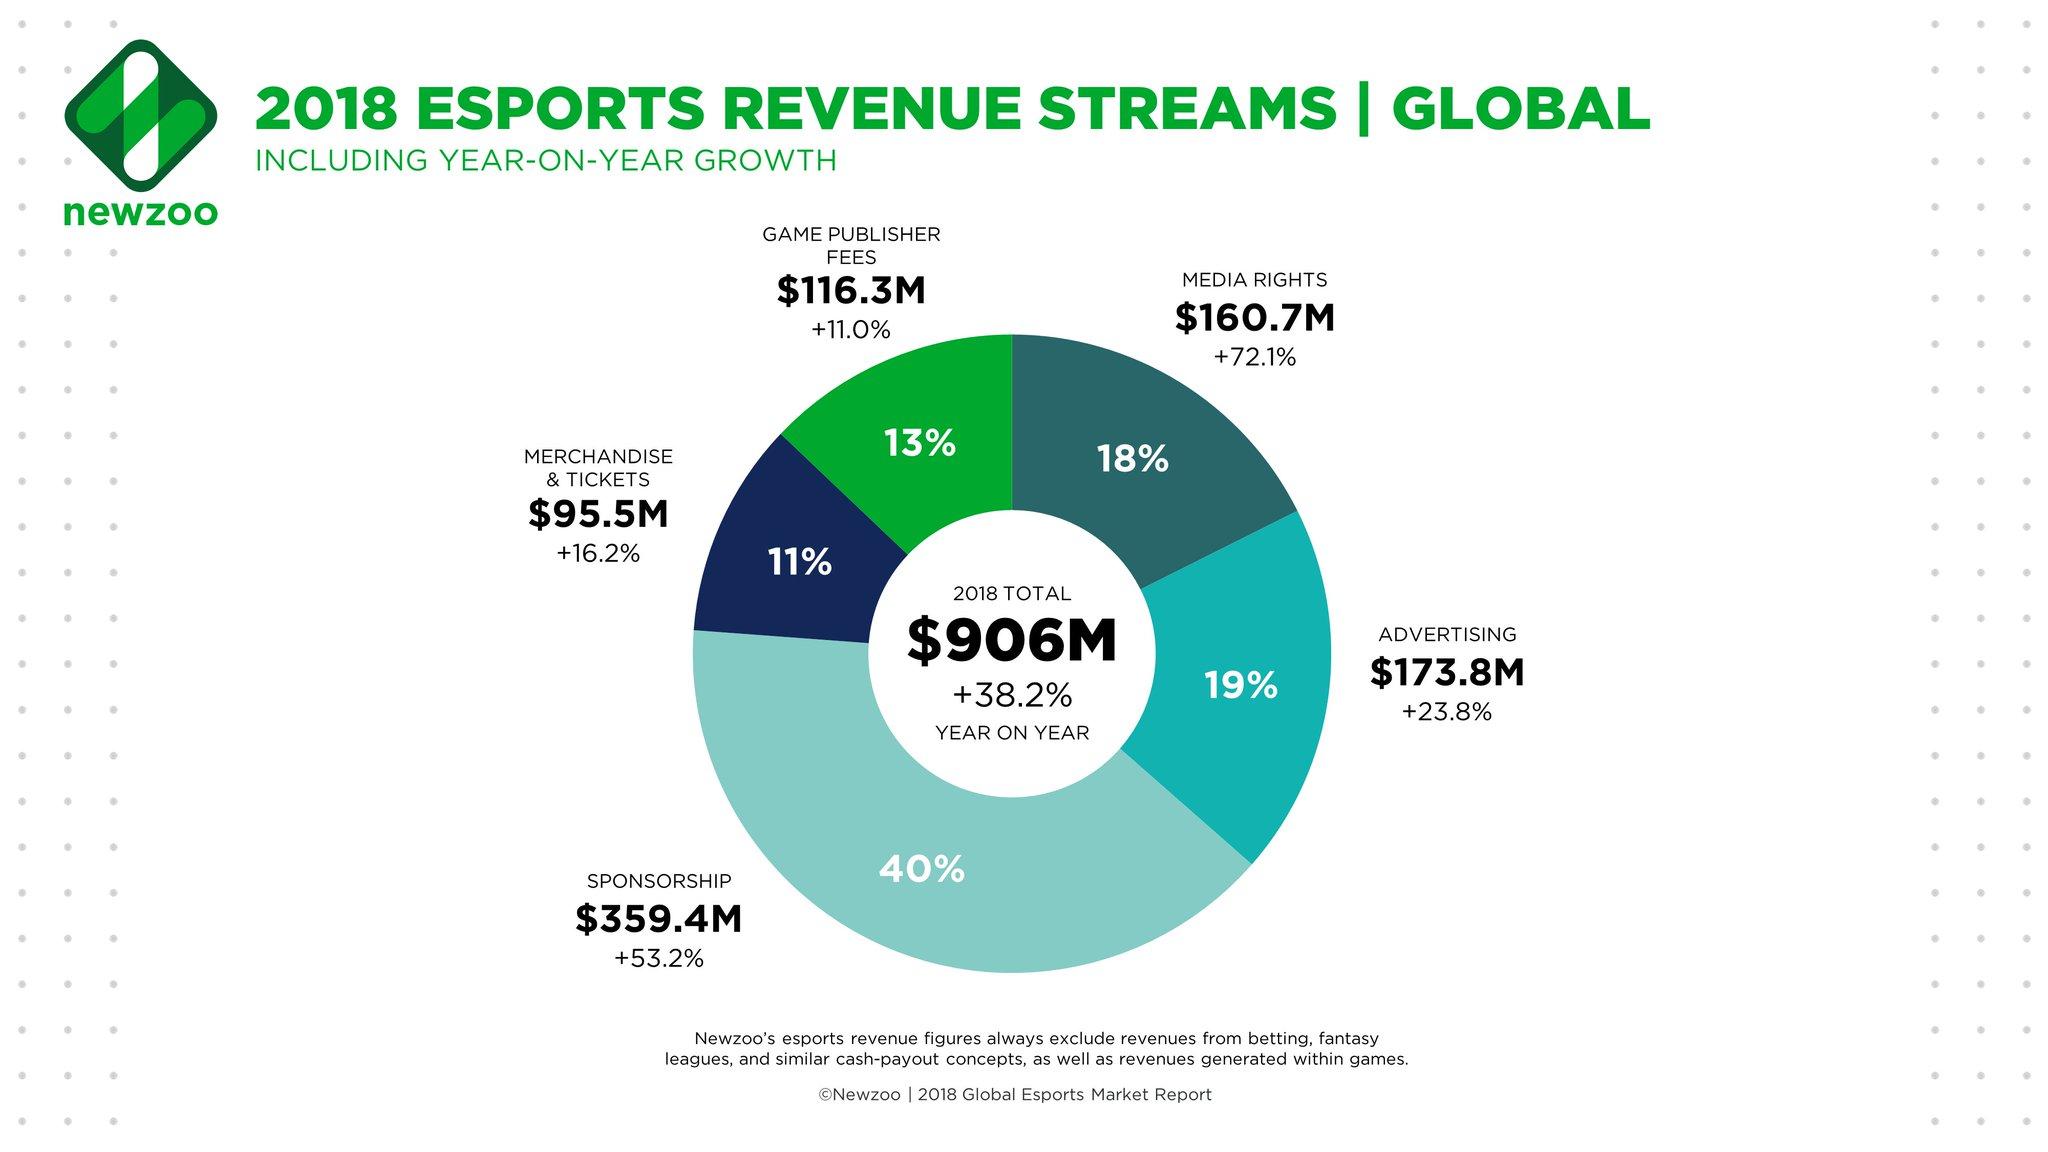 Negocio eSports 2018